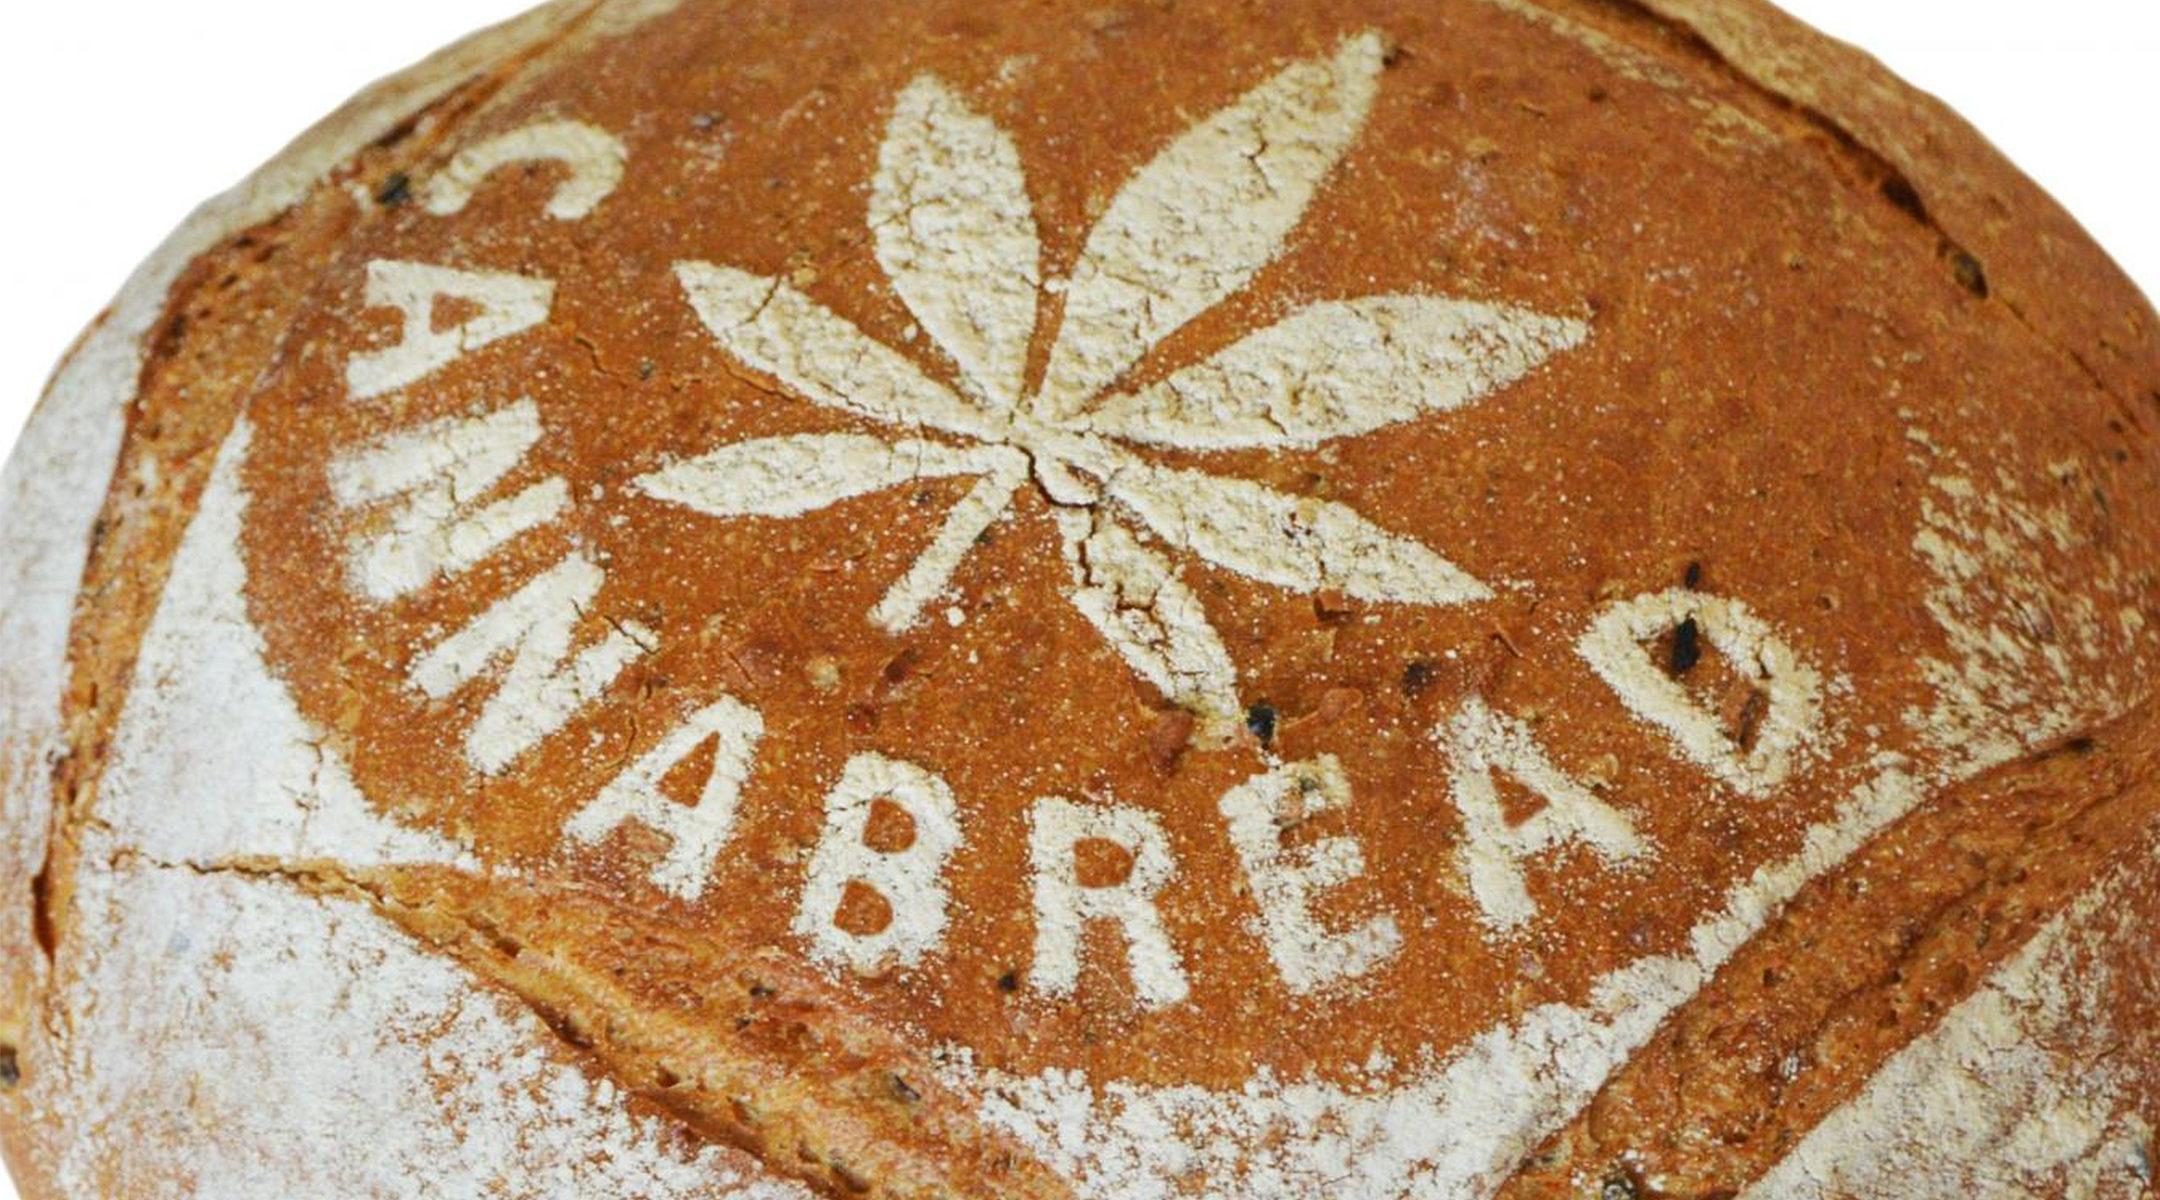 Cannabread contains 15% marijuana. (Courtesy)